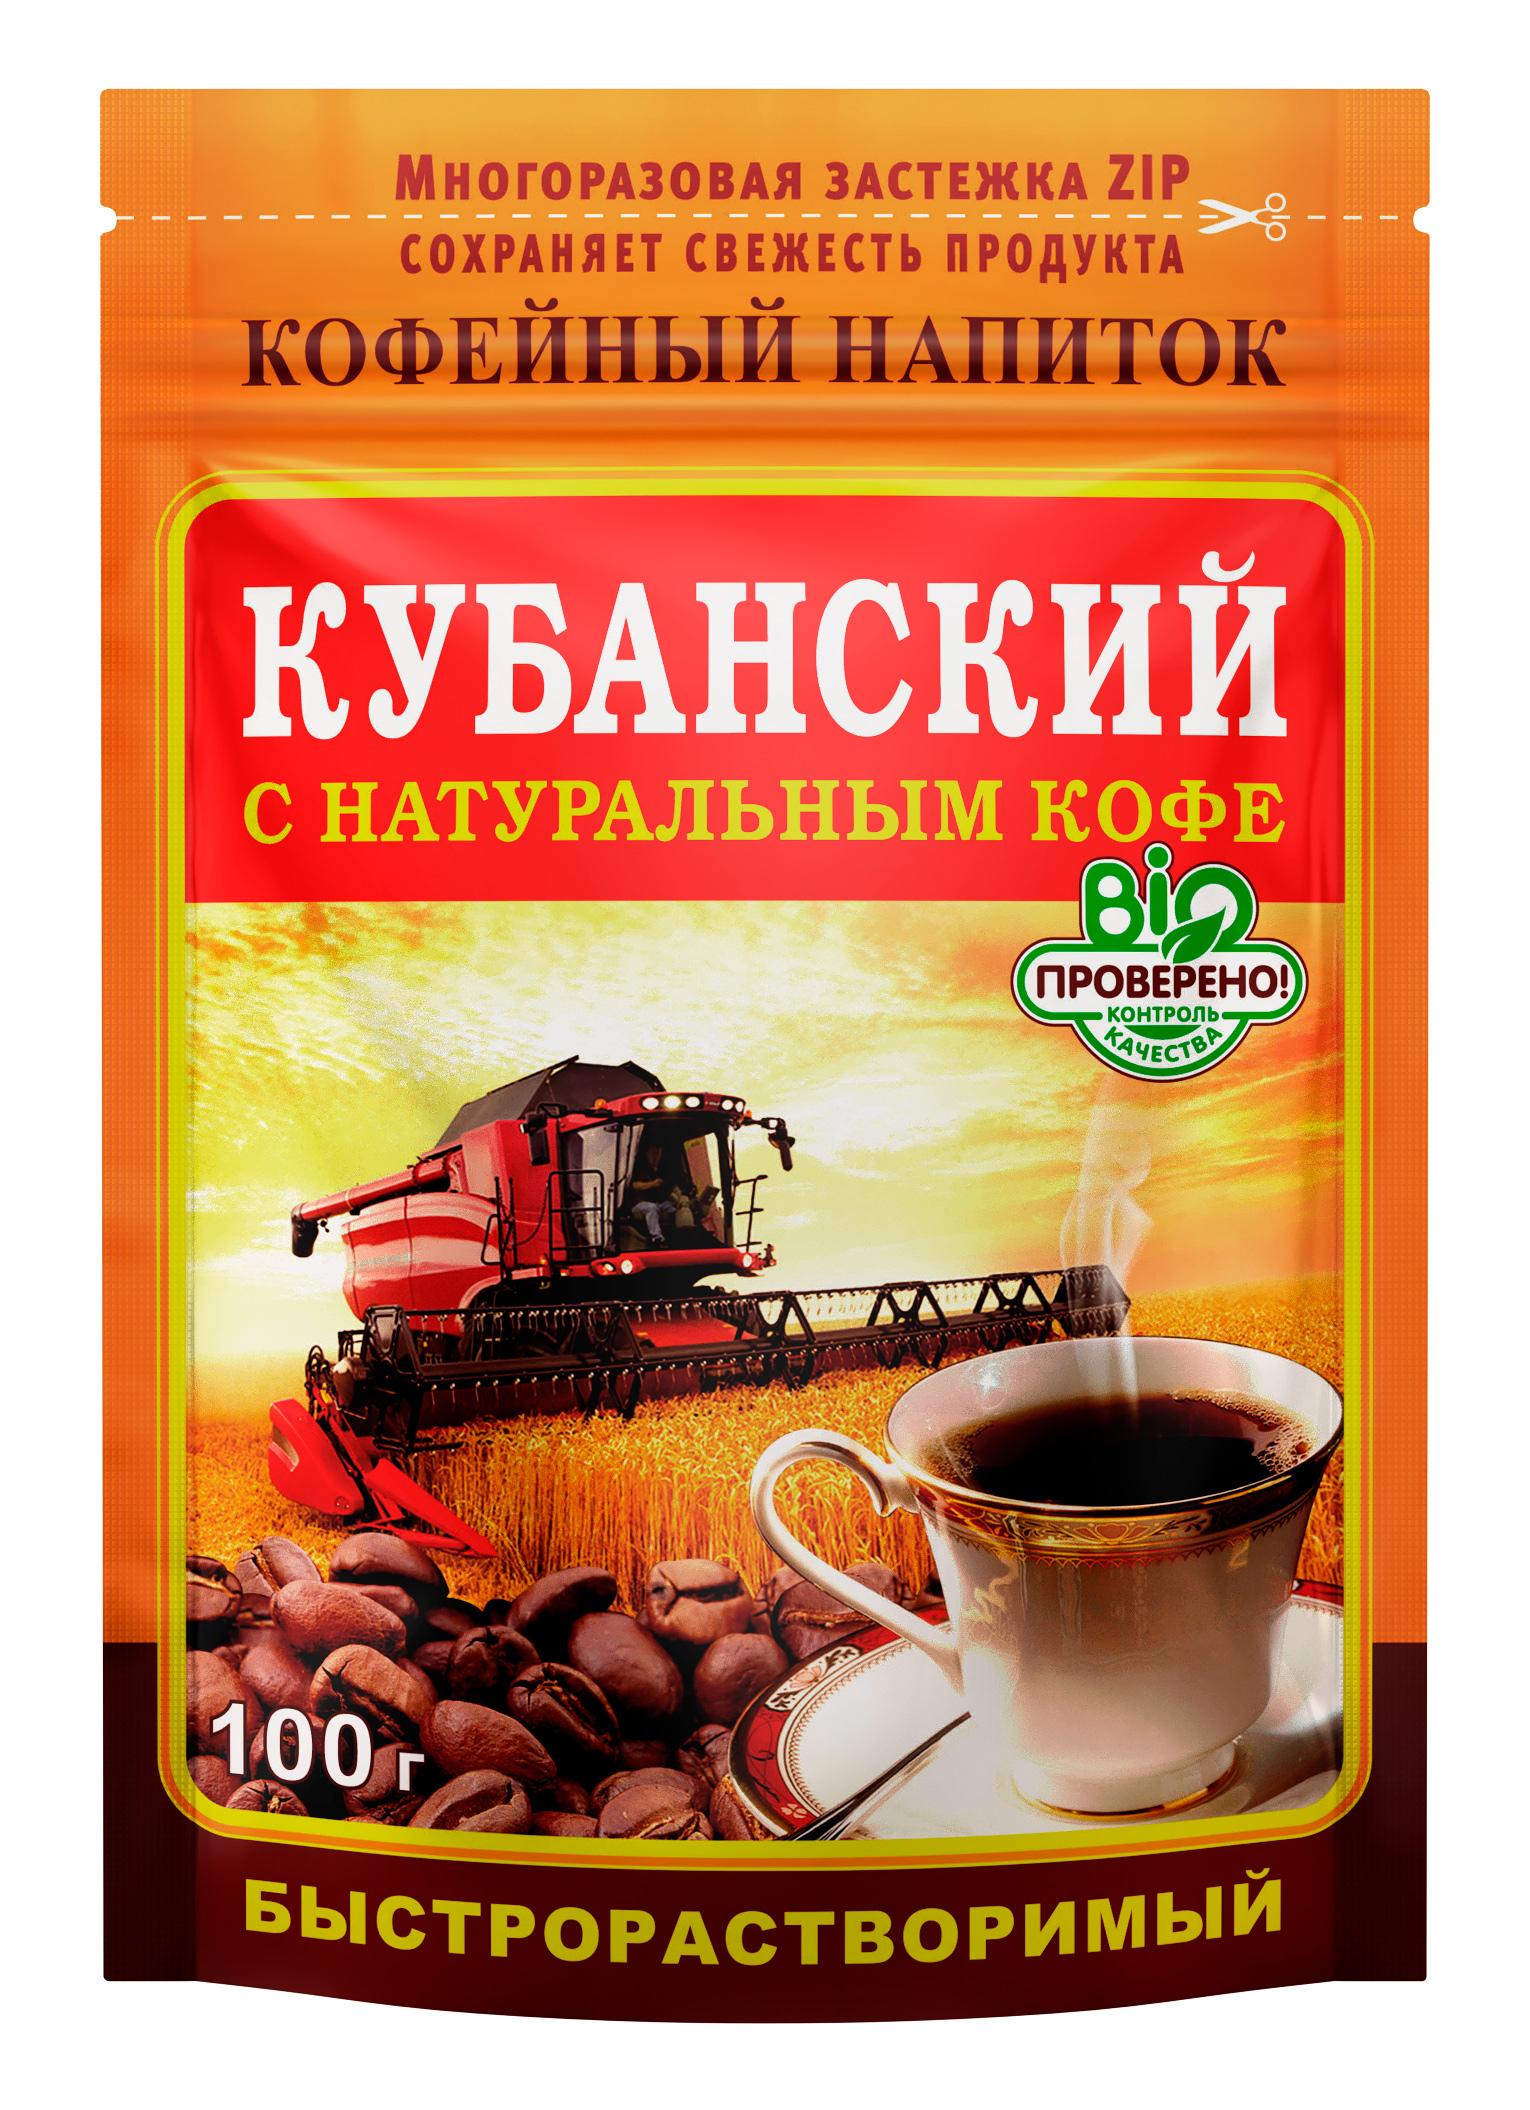 Фото Кофейный напиток порошок КУБАНСКИЙ